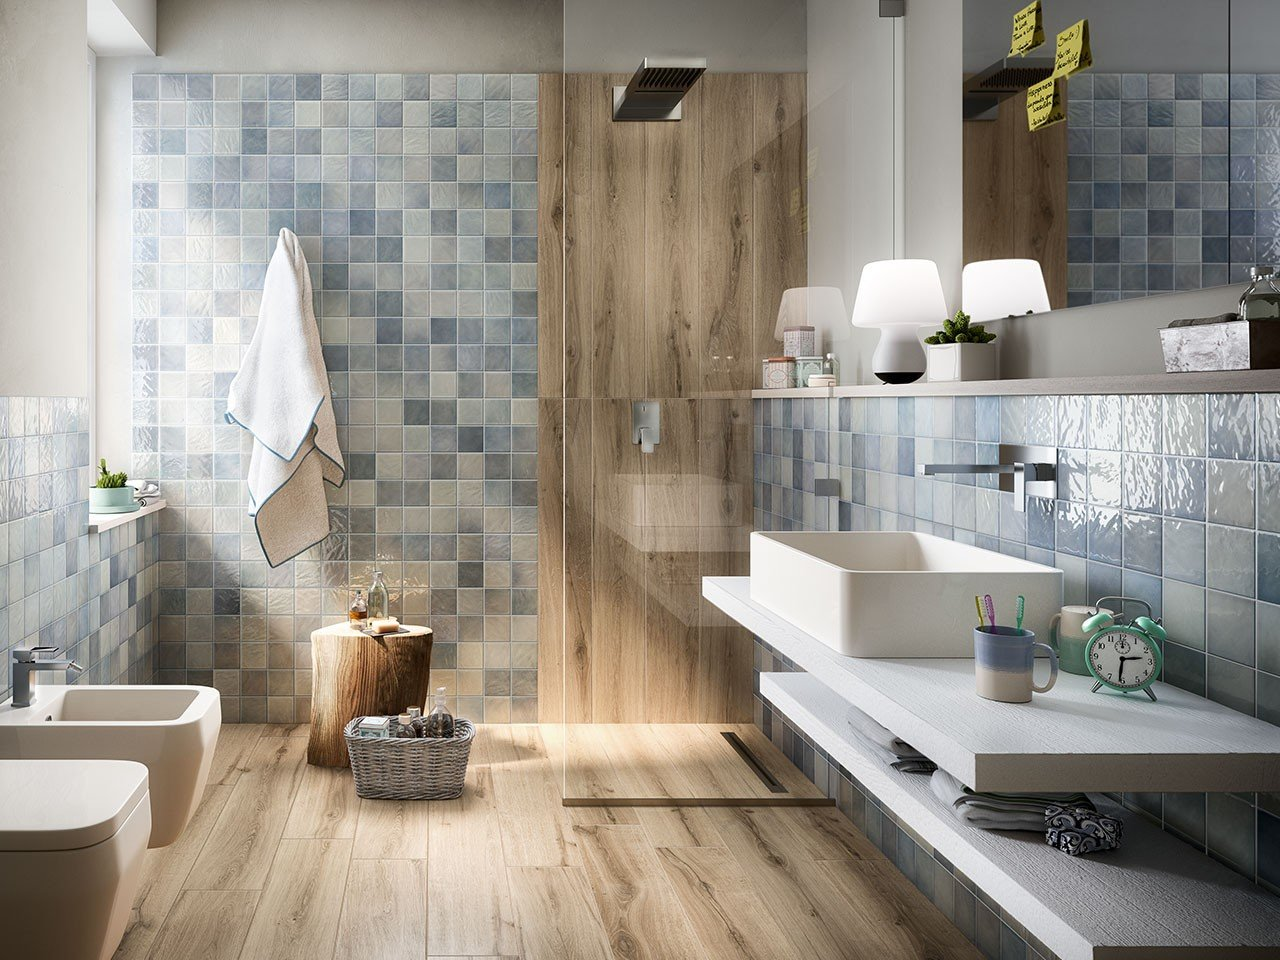 Forum bagno colori piastrelle - Piastrelle grigie bagno ...